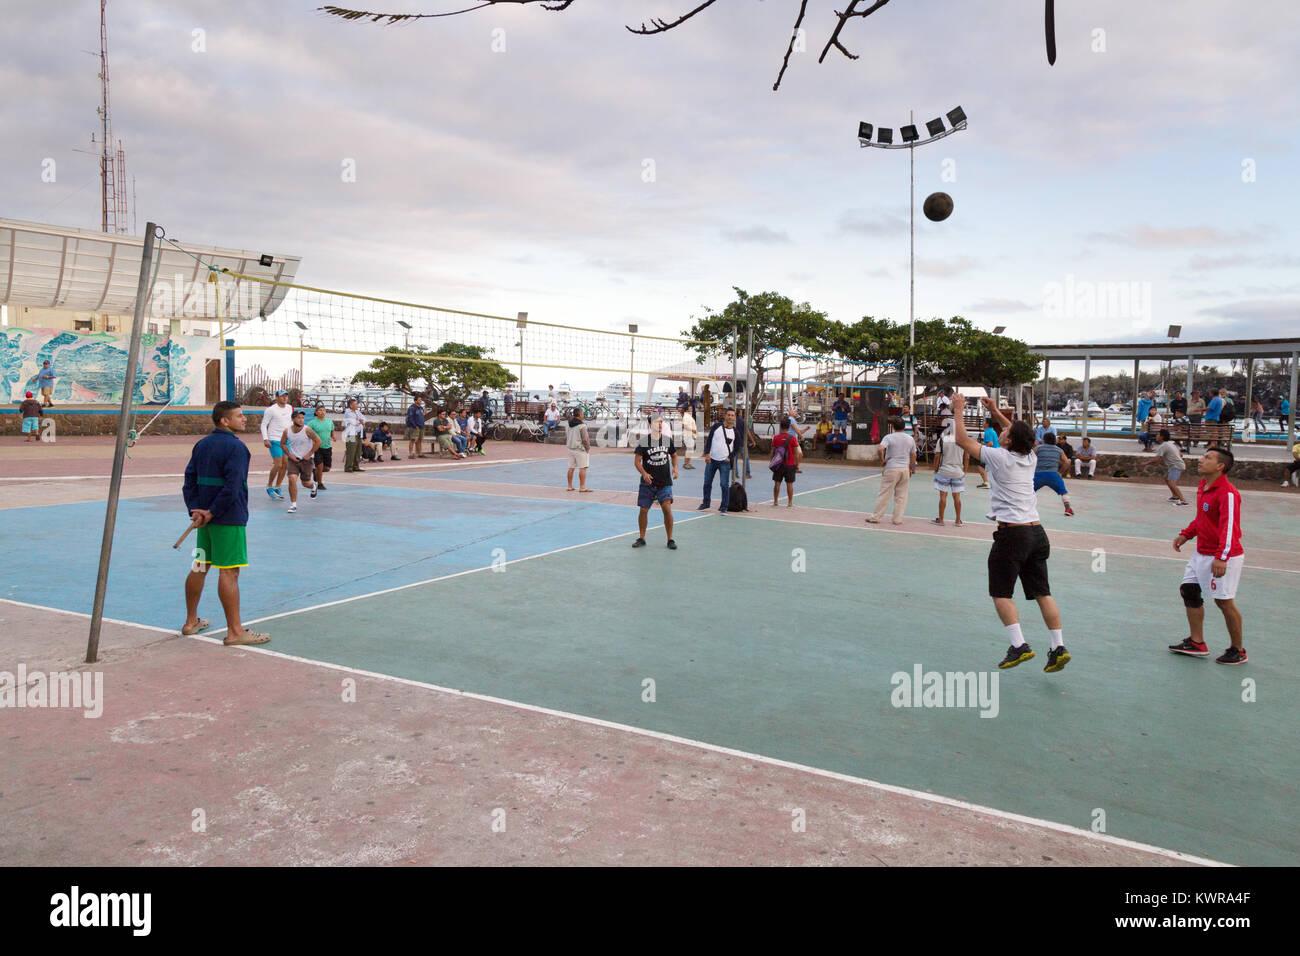 Lokale Galapagos Menschen spielen Volleyball, Puerto Ayora, Isla Santa Cruz, Galapagos, Ecuador Südamerika Stockbild